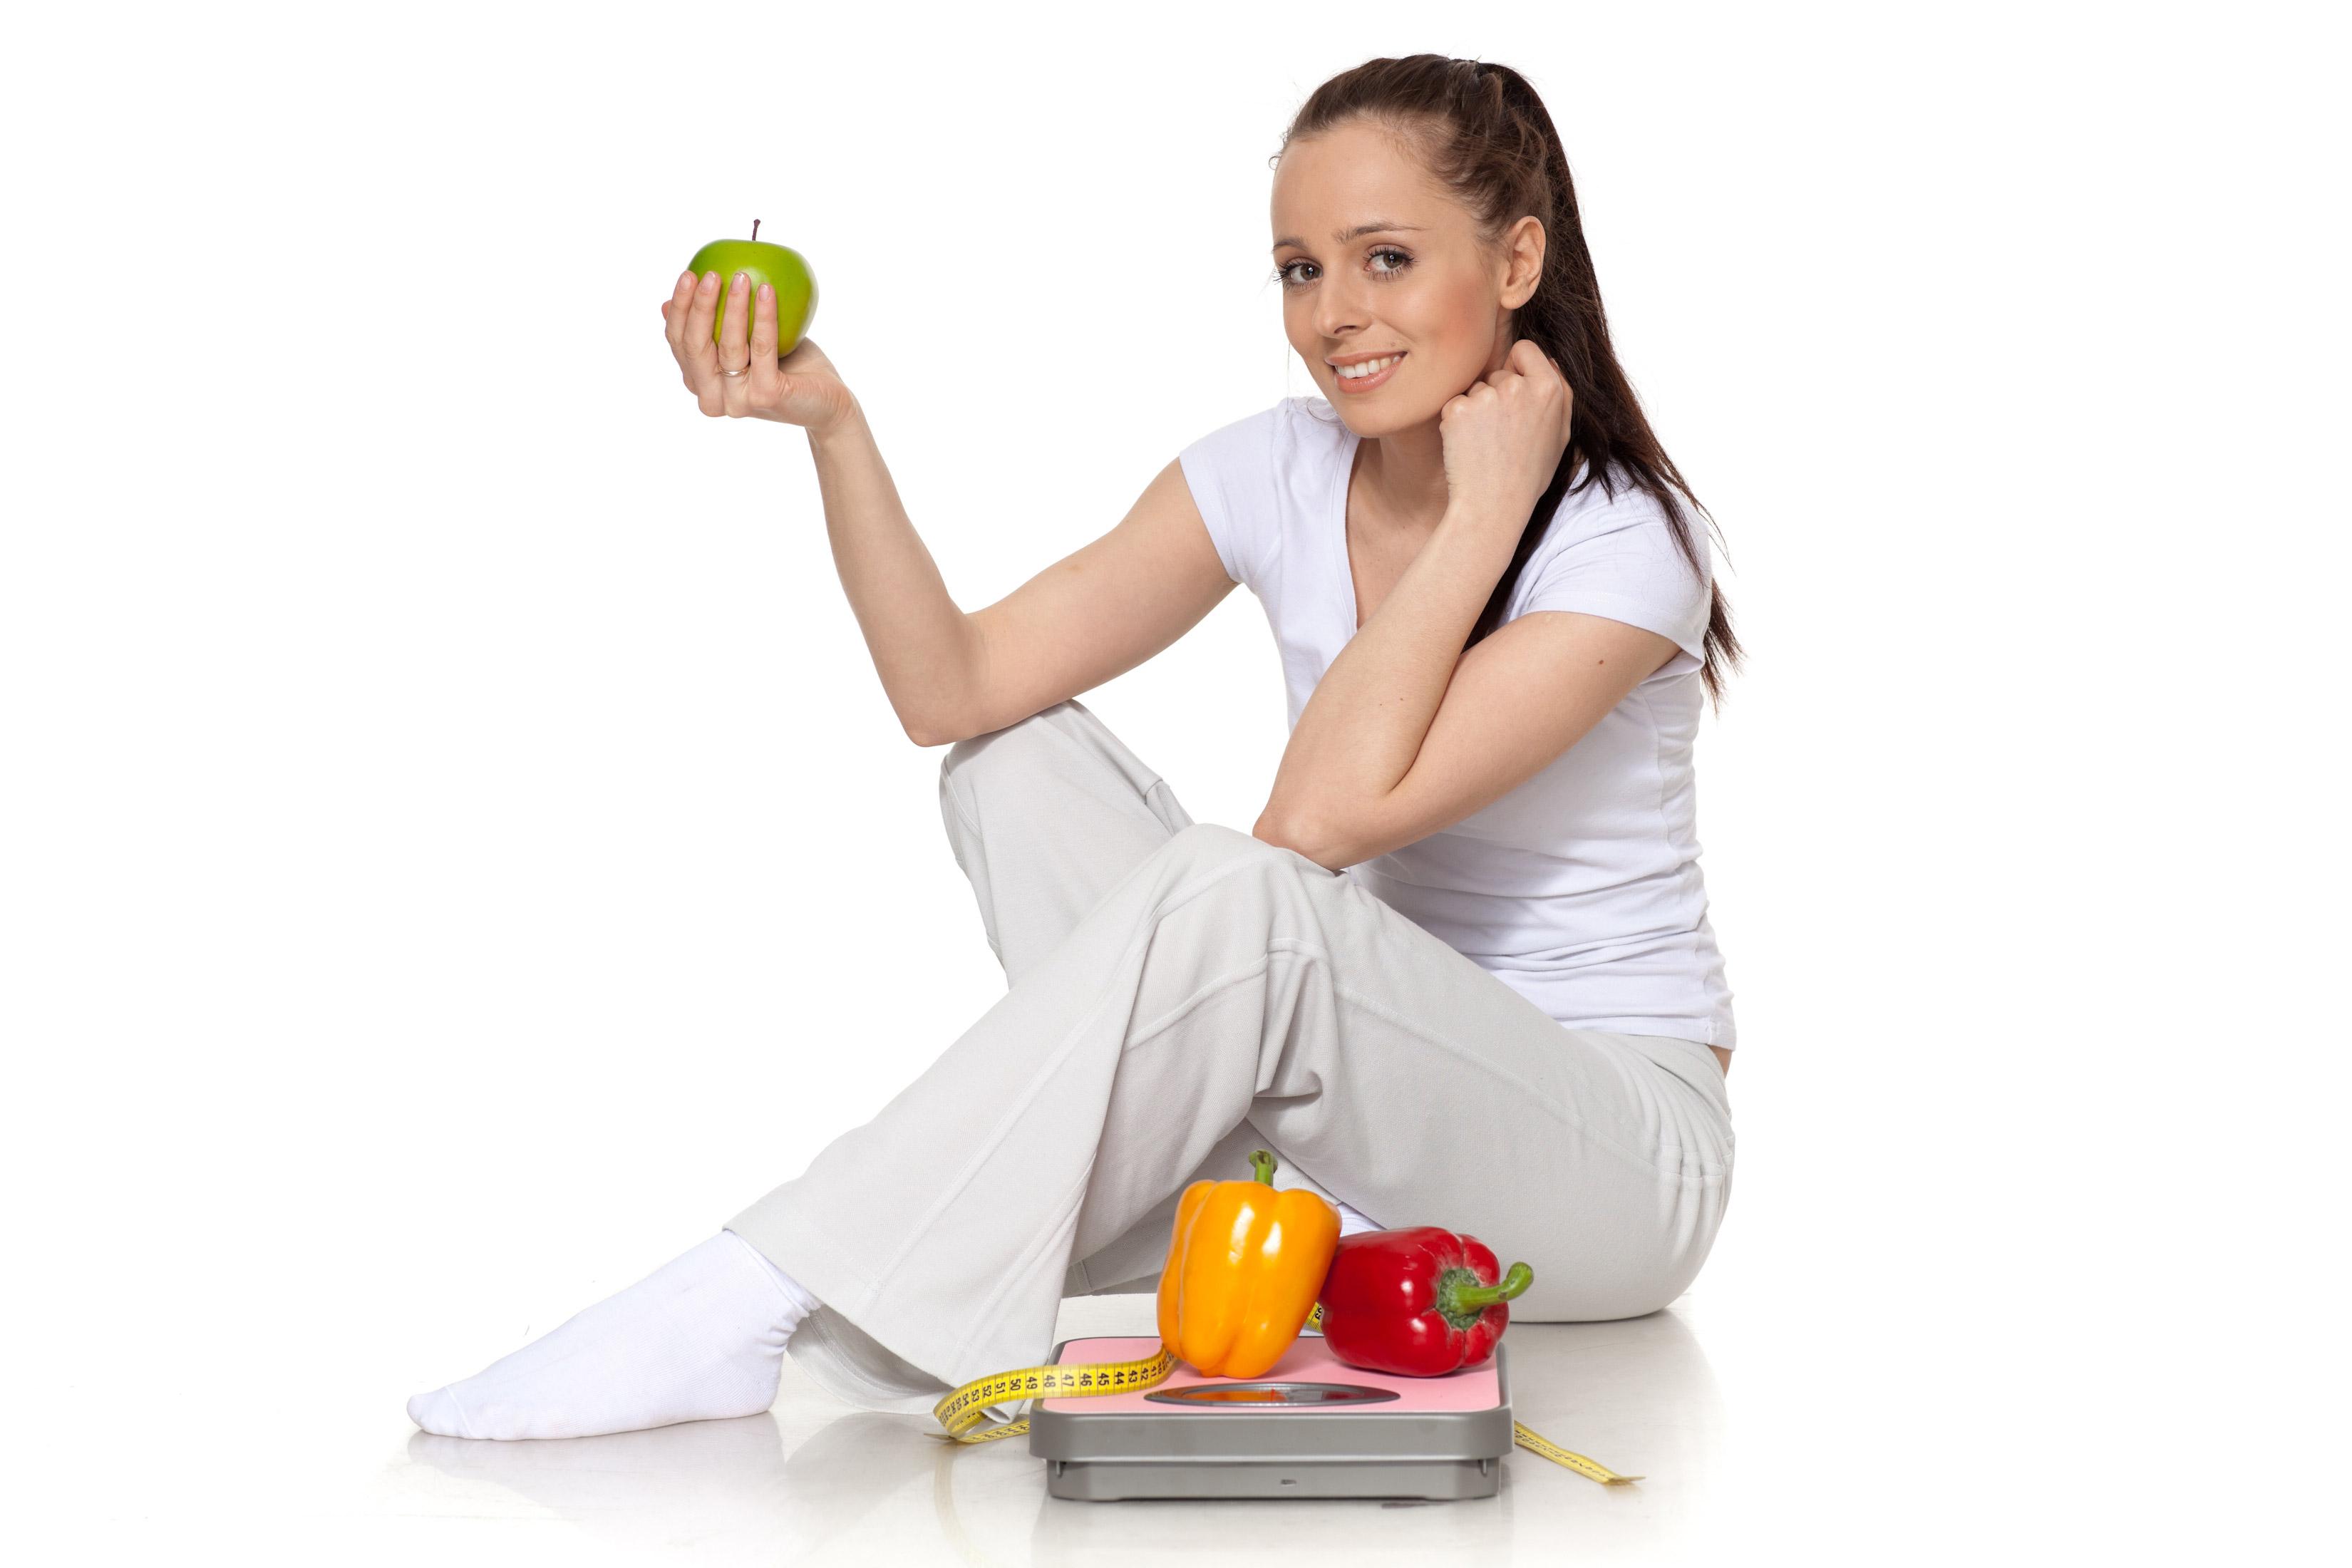 Способы Похудения С Яблоками. Можно ли похудеть на яблоках: польза и результаты диеты